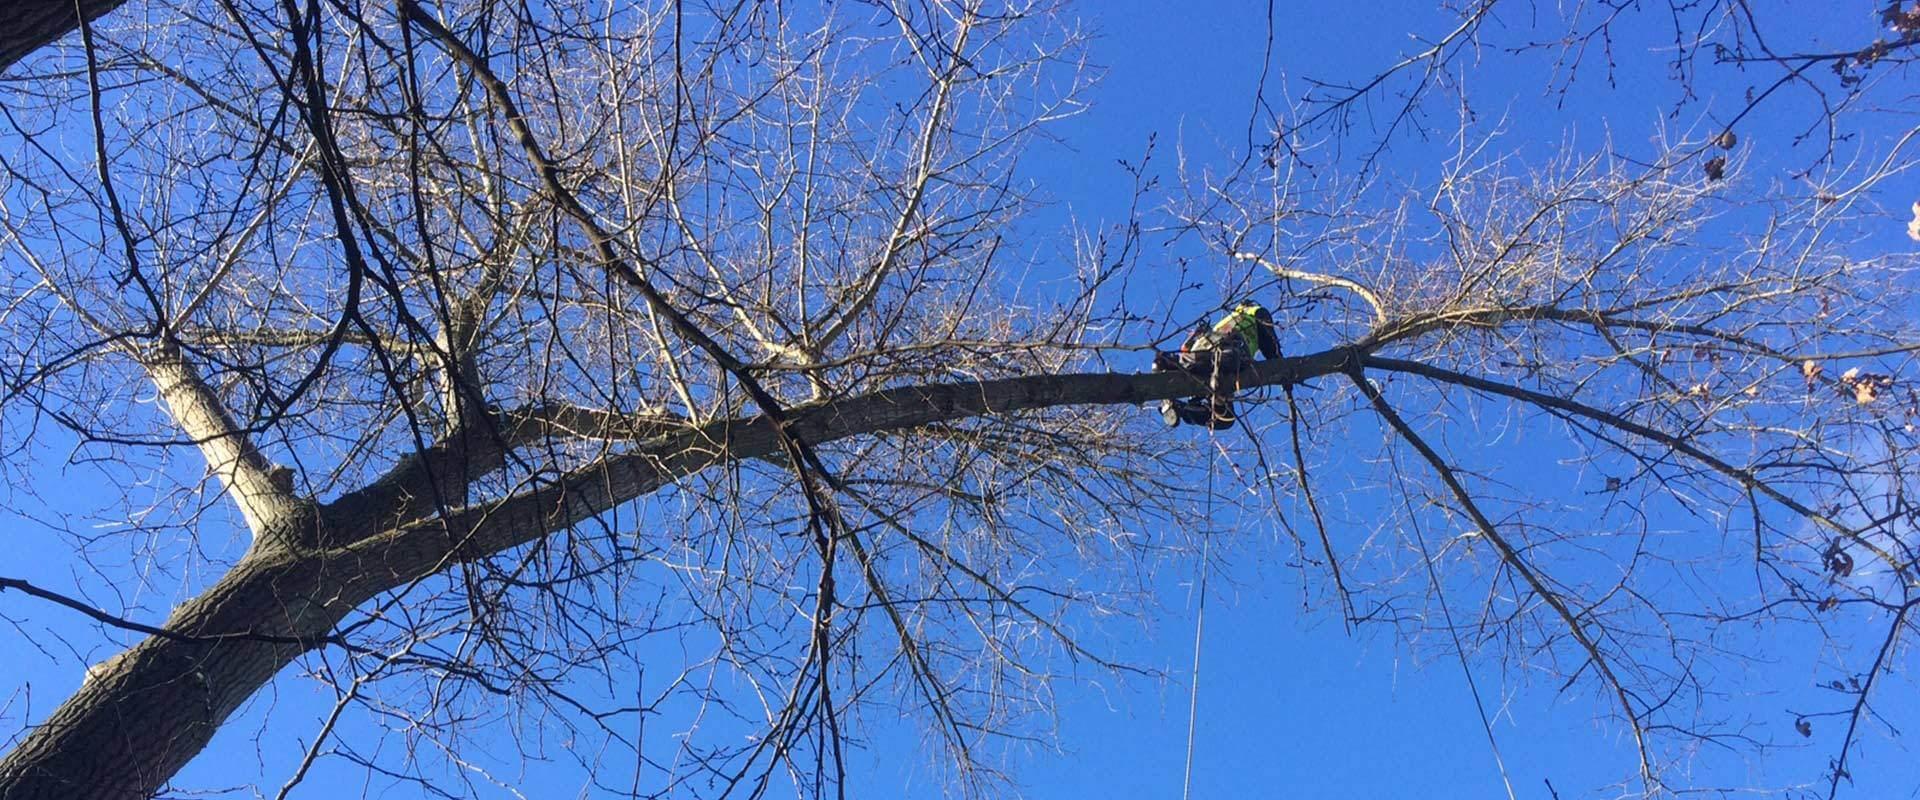 Fällung von Bäumen in großen Höhen